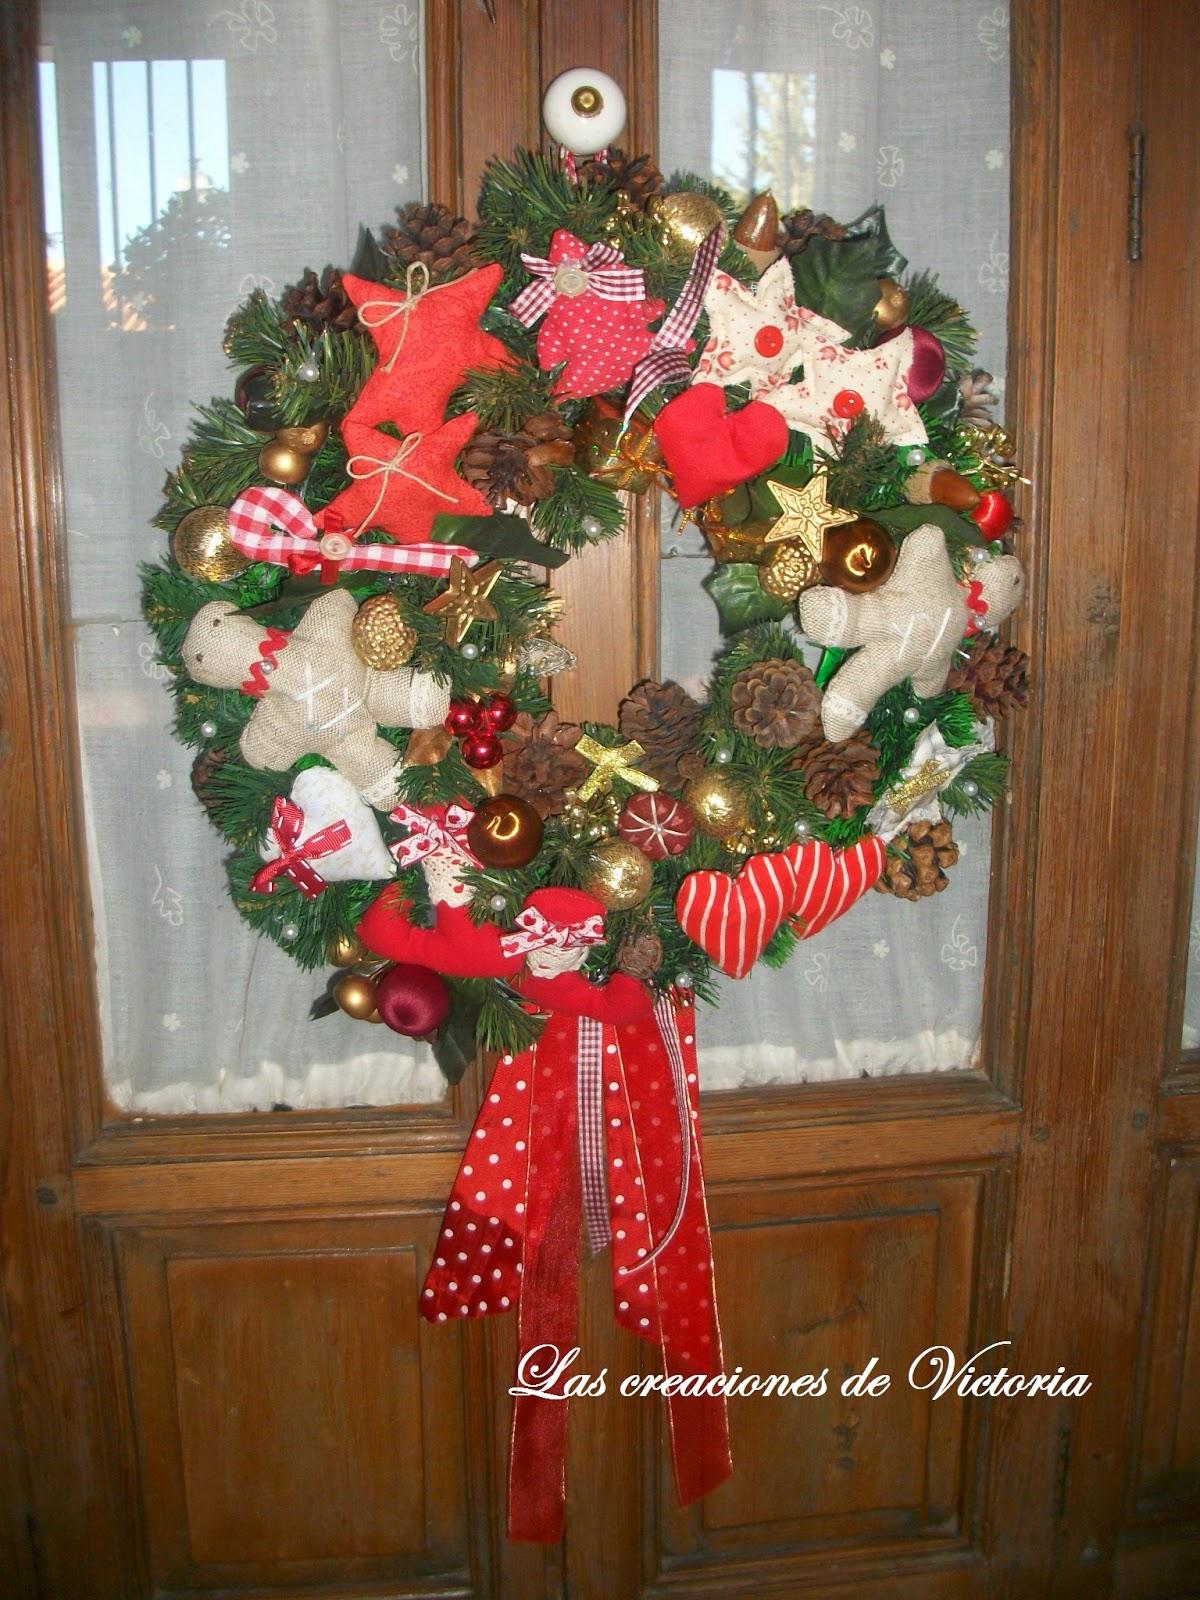 Las creaciones de Victoria. Patchwork. Adornos navideños.